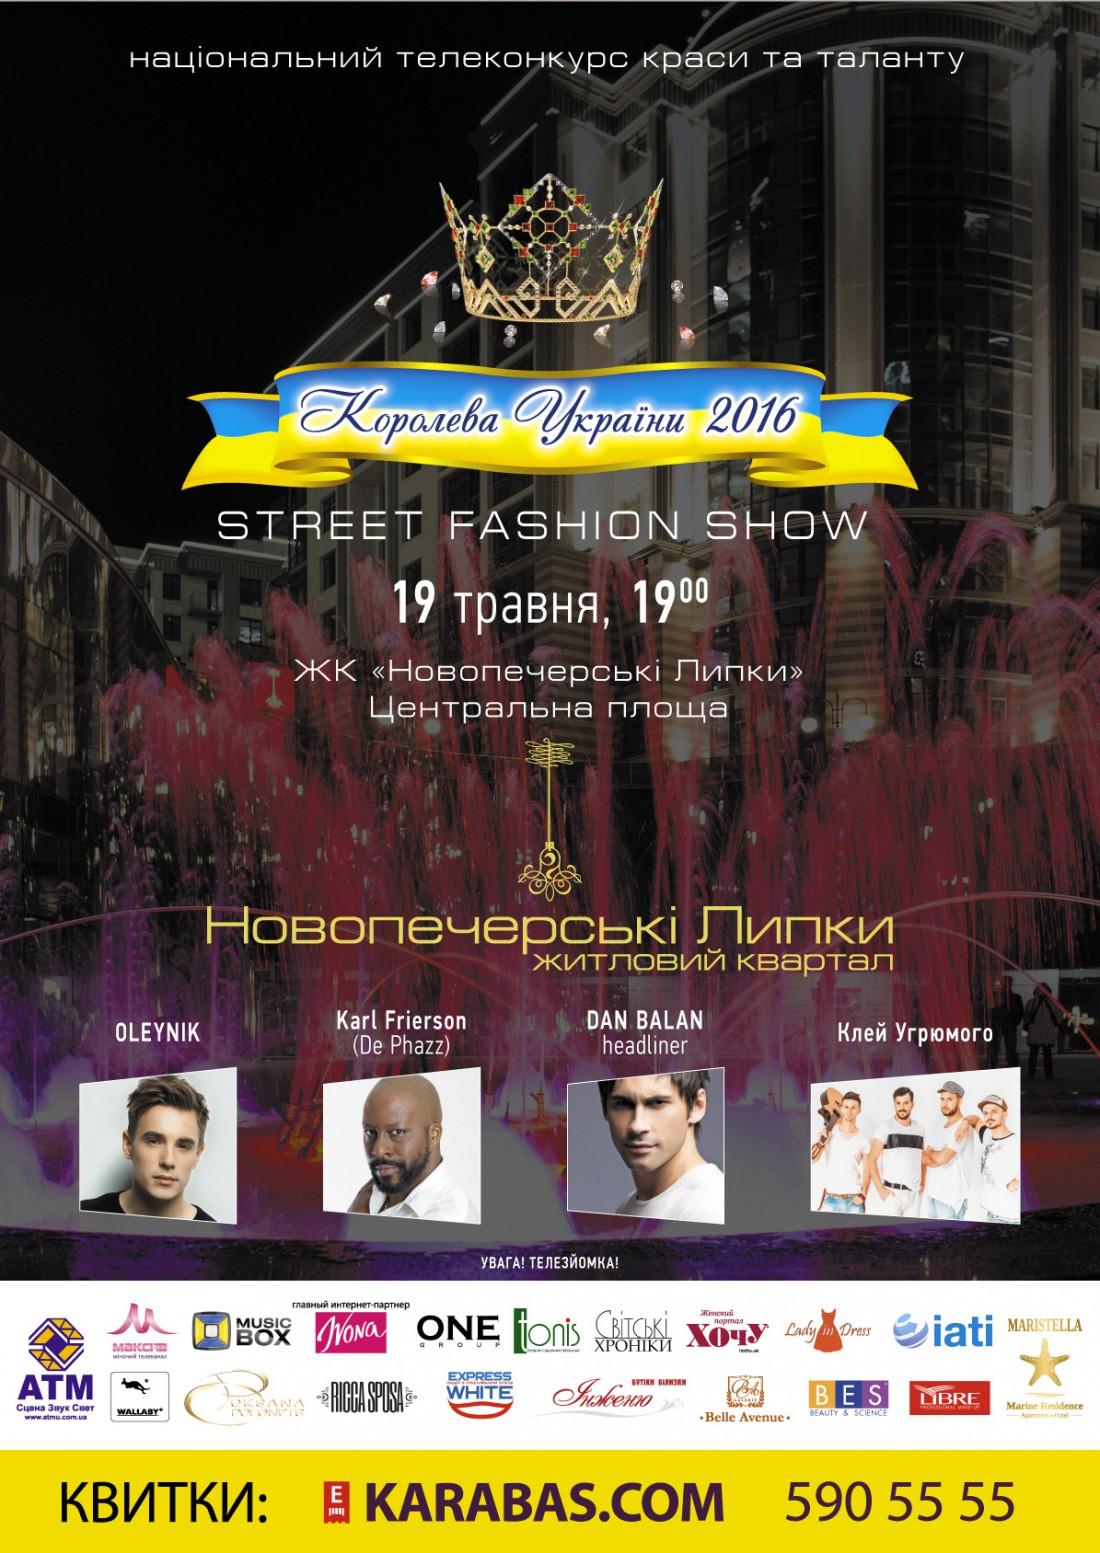 Финал конкурса Королева Украины 2016 состоится 19 мая